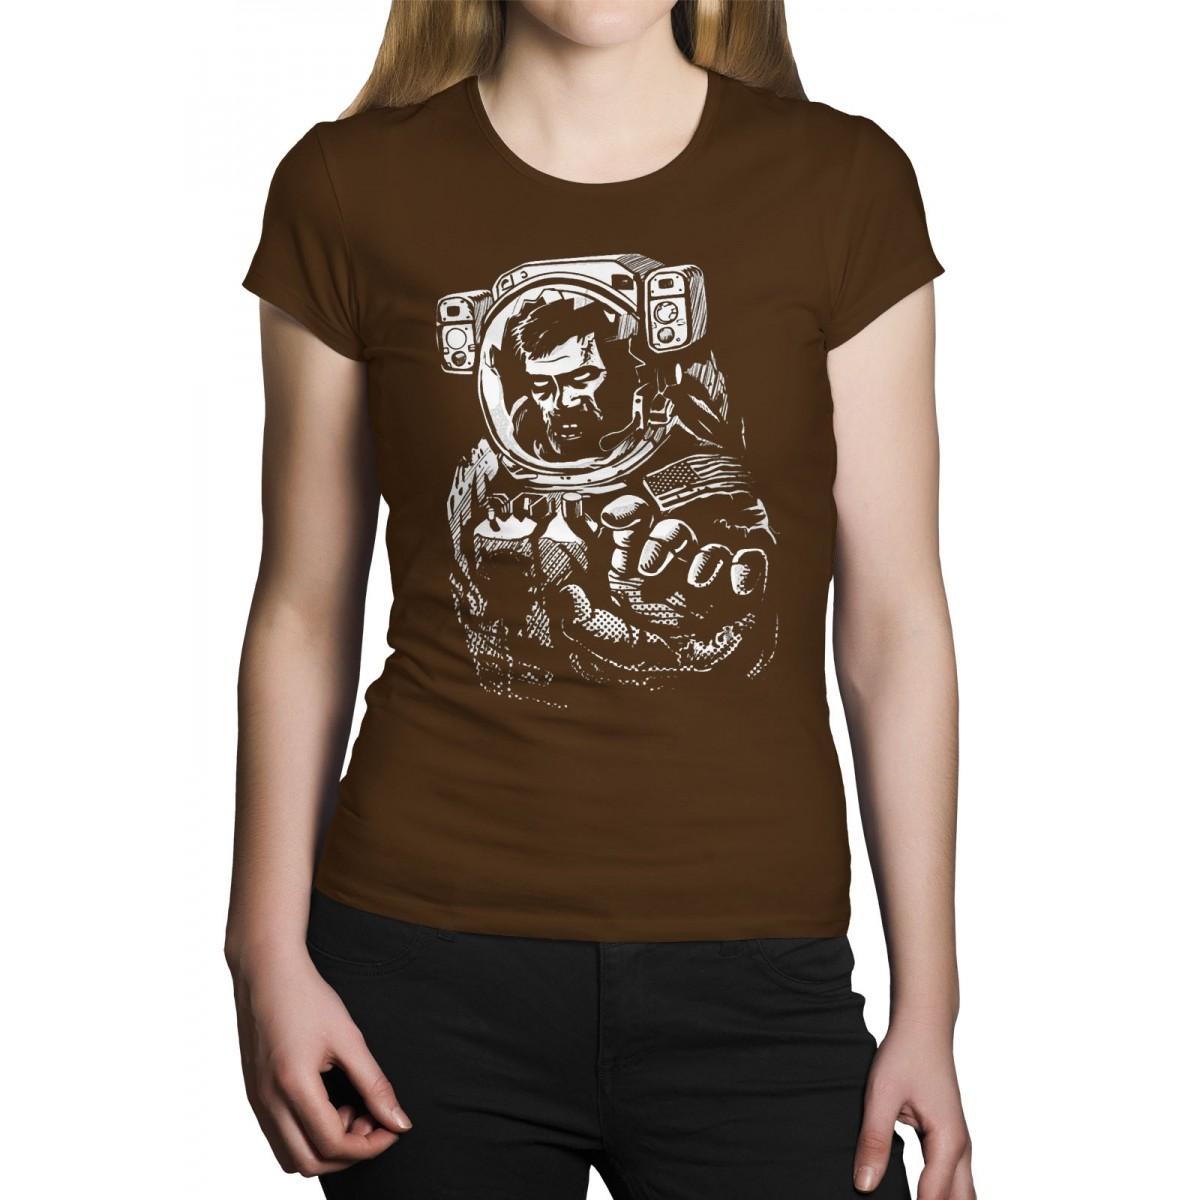 Camiseta HShop Astronauta Zumbi Marrom  - HShop